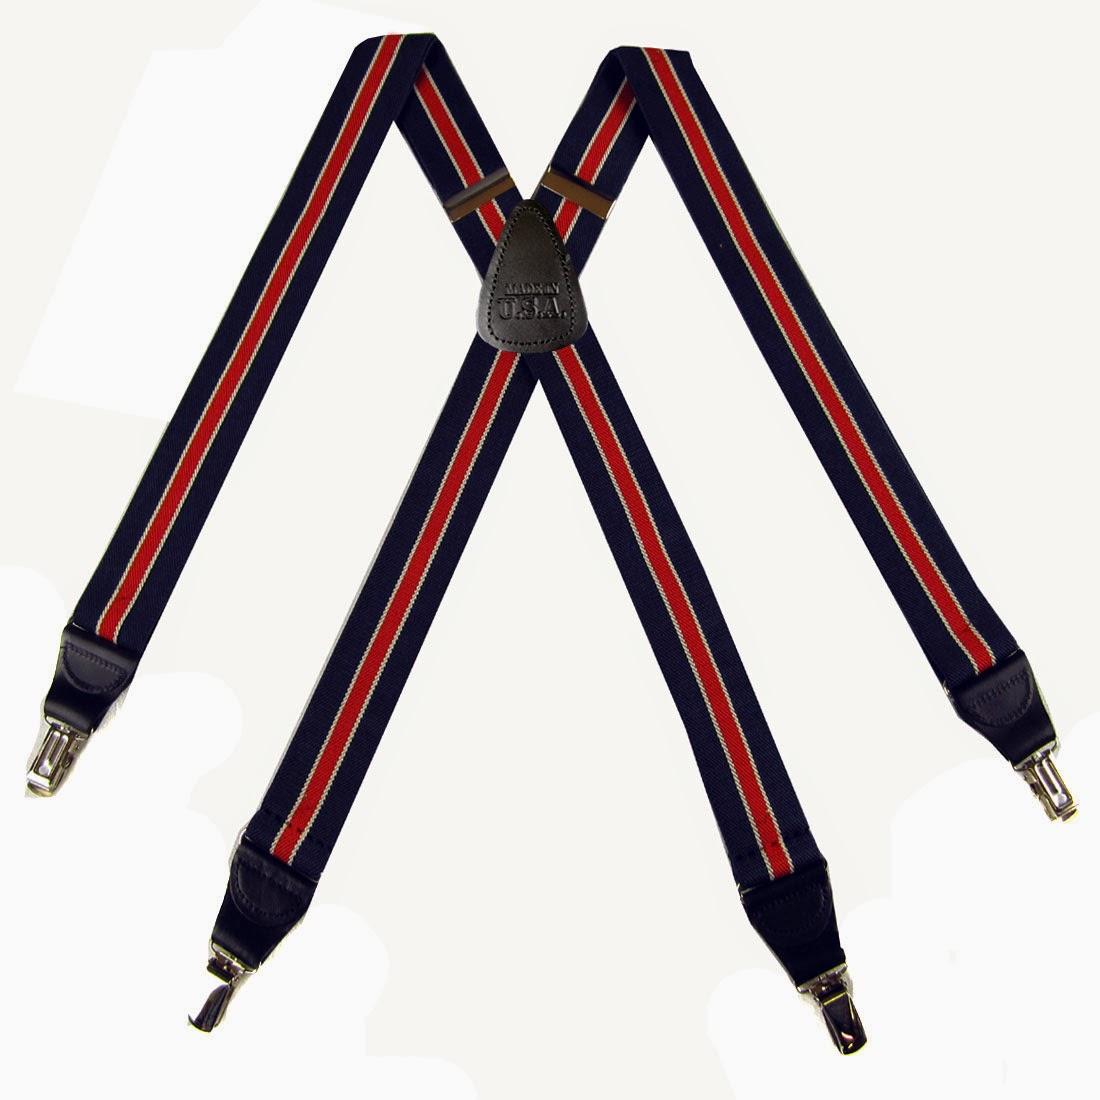 http://www.buyyourties.com/solid-suspenders-c-445_1298.html